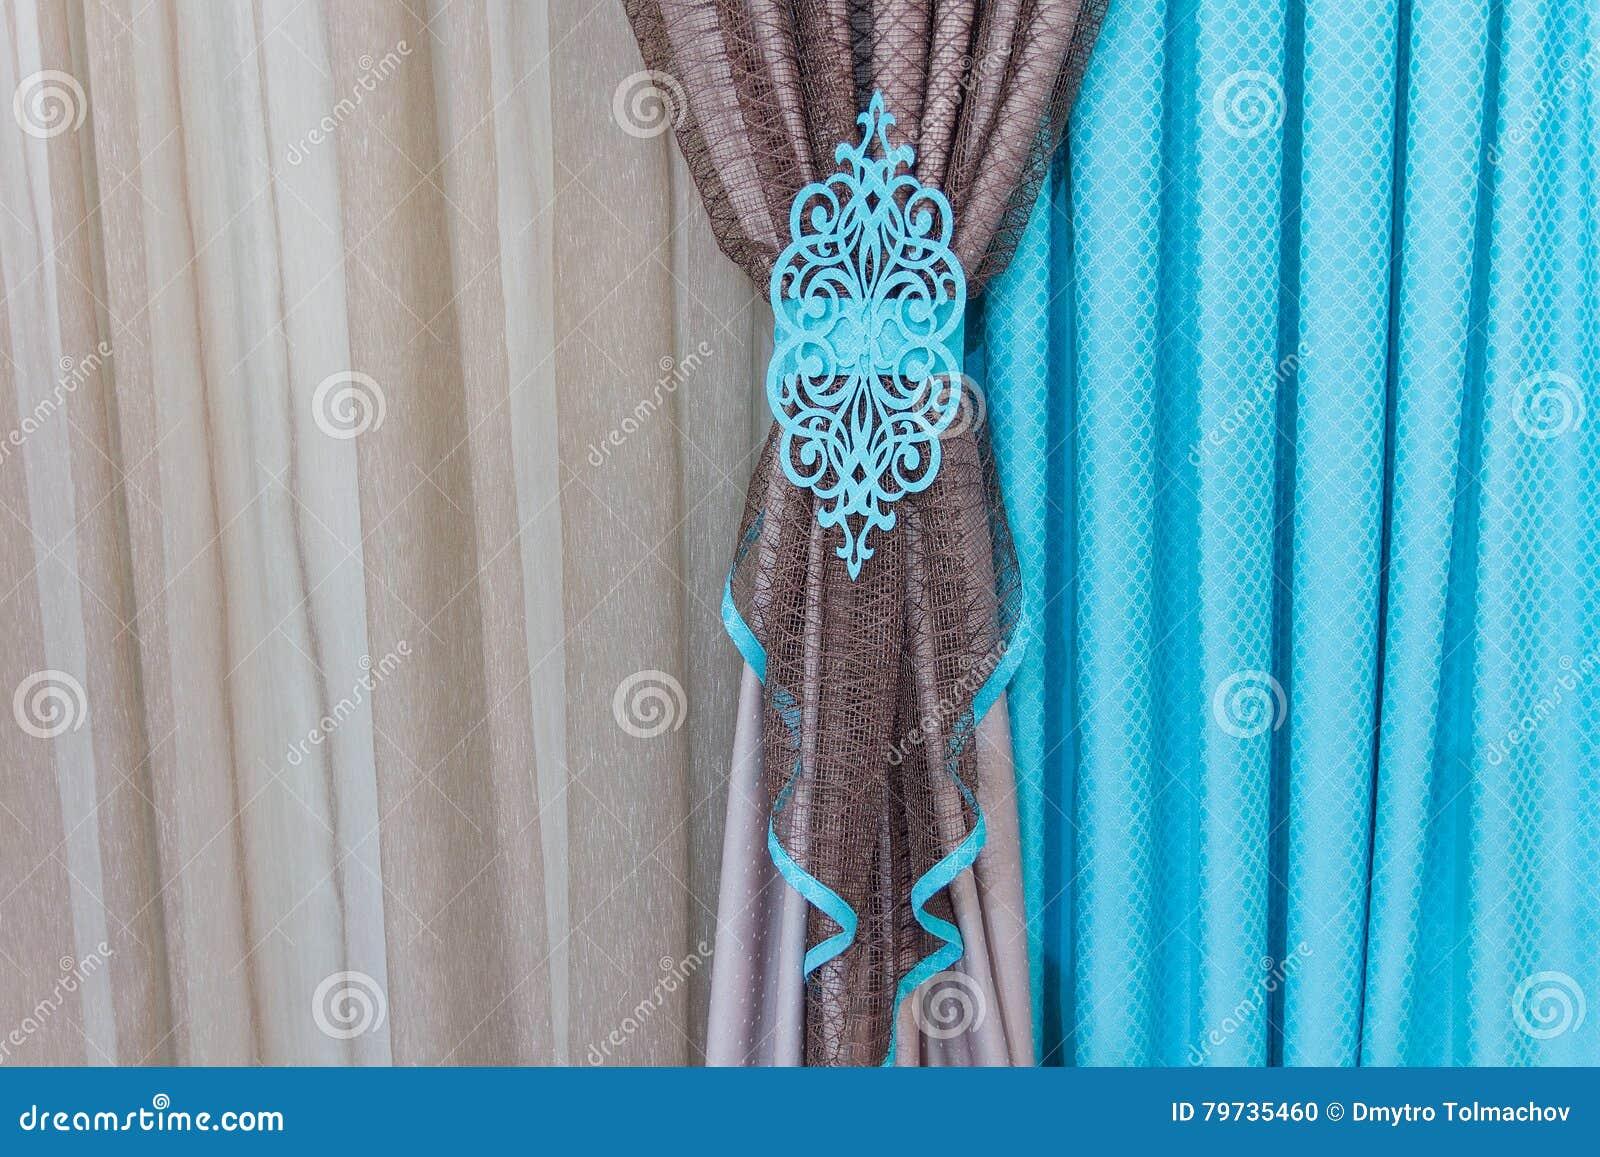 Schöne Vorhänge In Der Orientalischen Art Stockfoto Bild Von